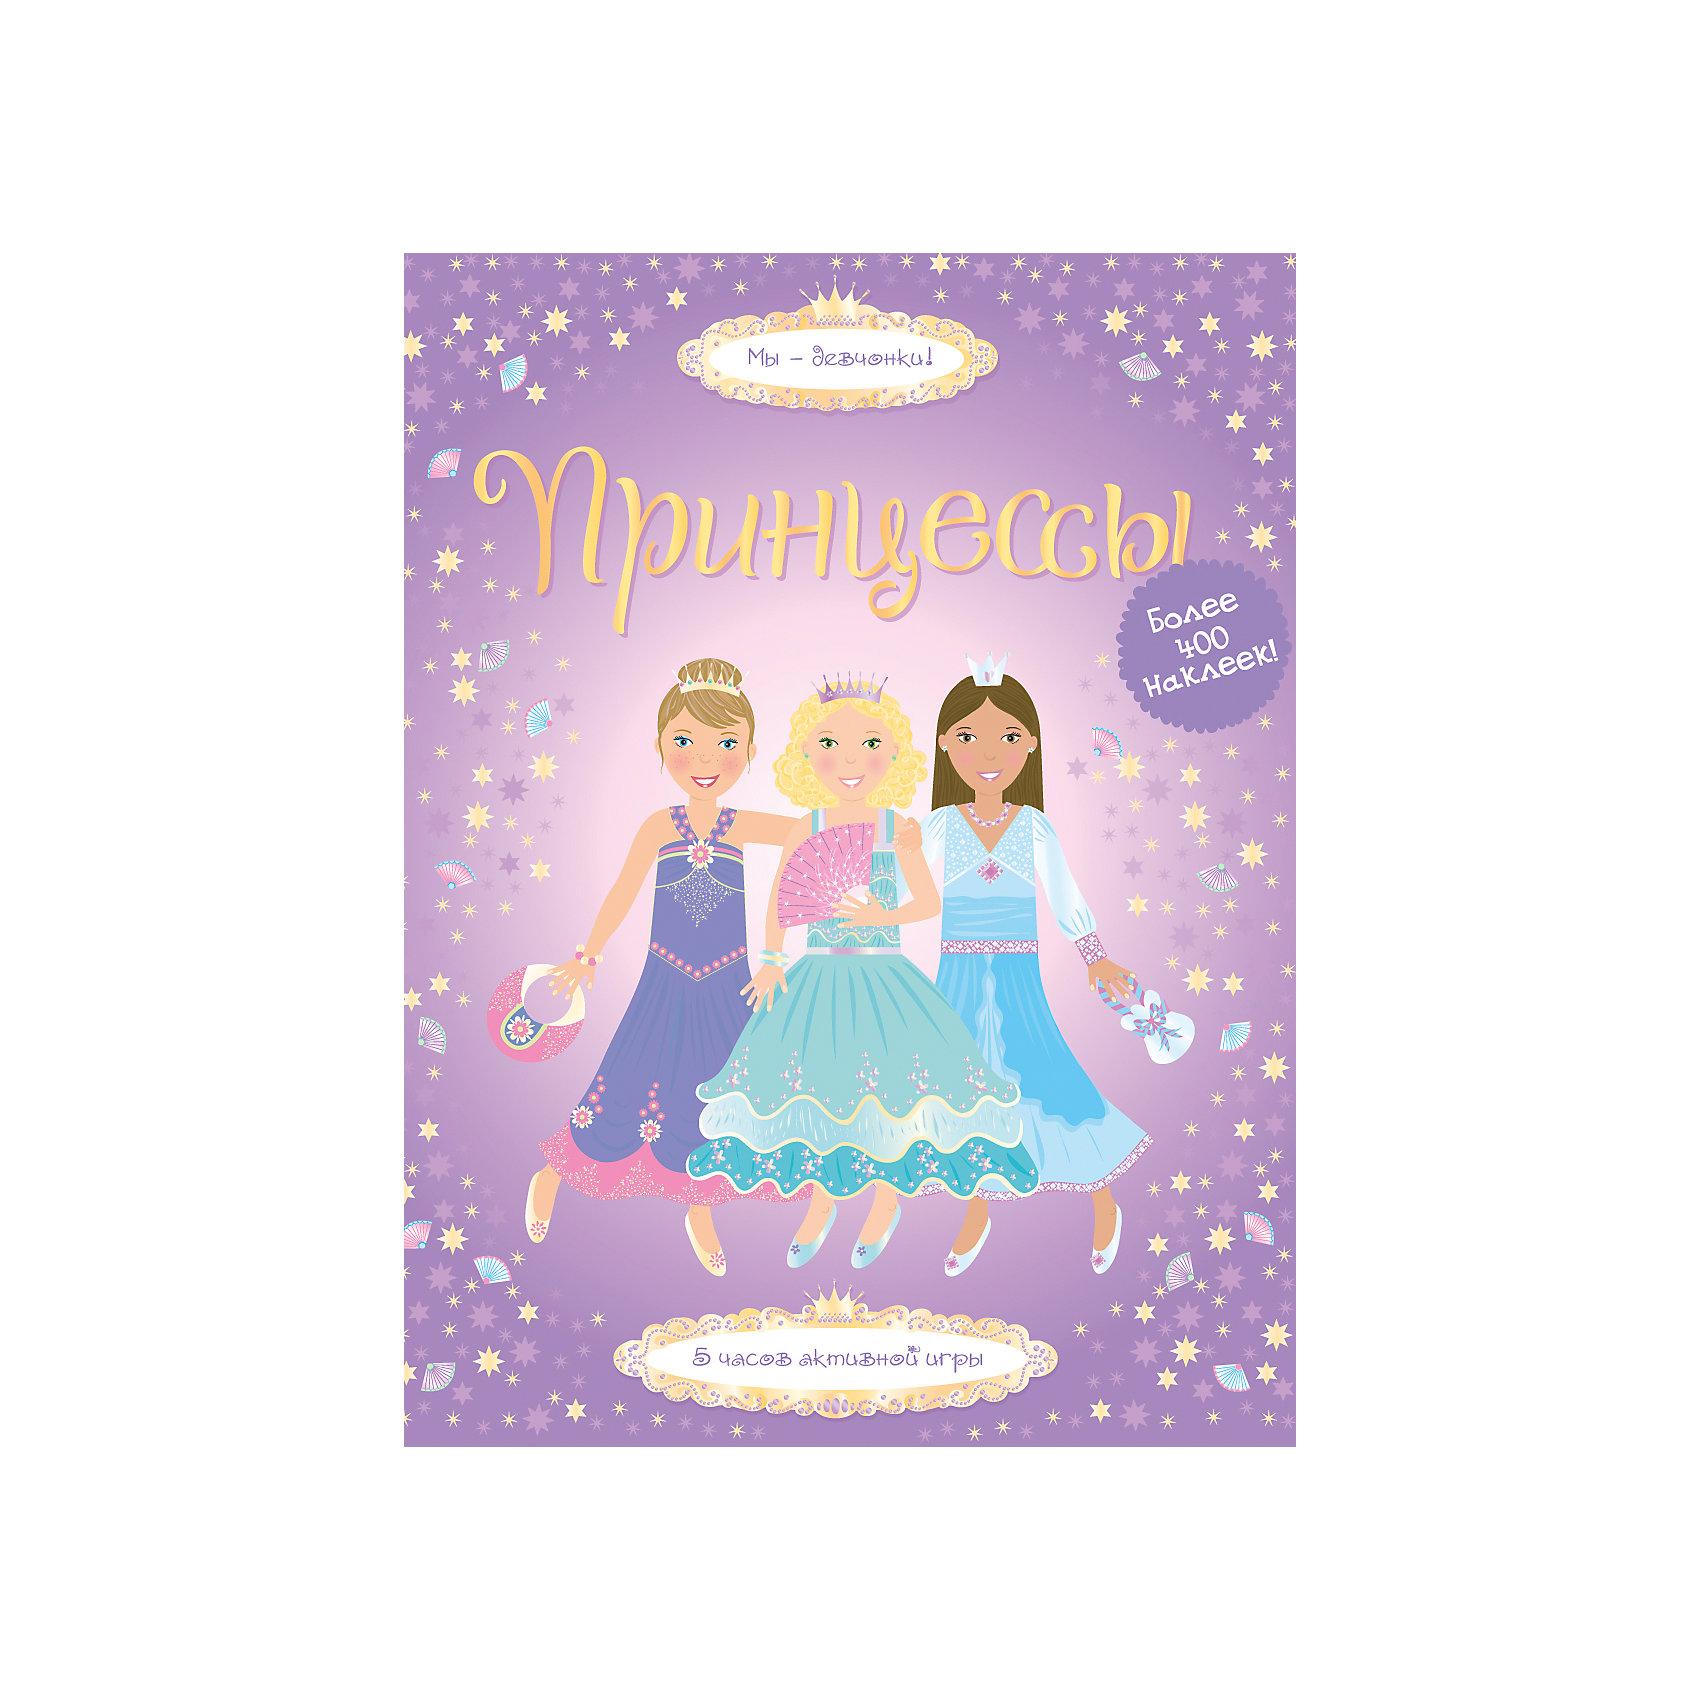 Принцессы, СупернаклейкиКниги для девочек<br>Все девчонки очень любят наряжаться! А ещё они с удовольствием поют и танцуют. Им нравится путешествовать, узнавать что-то новое и вообще во всём принимать активное участие… Эта красивая серия книг с наклейками станет отличным подарком для нашей маленькой читательницы, потому что здесь собраны все самые интересные темы! Весёлая игра поможет вырасти ей умнойи любознательной, отзывчивой и доброй.<br><br>Ширина мм: 305<br>Глубина мм: 240<br>Высота мм: 4<br>Вес г: 298<br>Возраст от месяцев: 84<br>Возраст до месяцев: 120<br>Пол: Женский<br>Возраст: Детский<br>SKU: 4818143